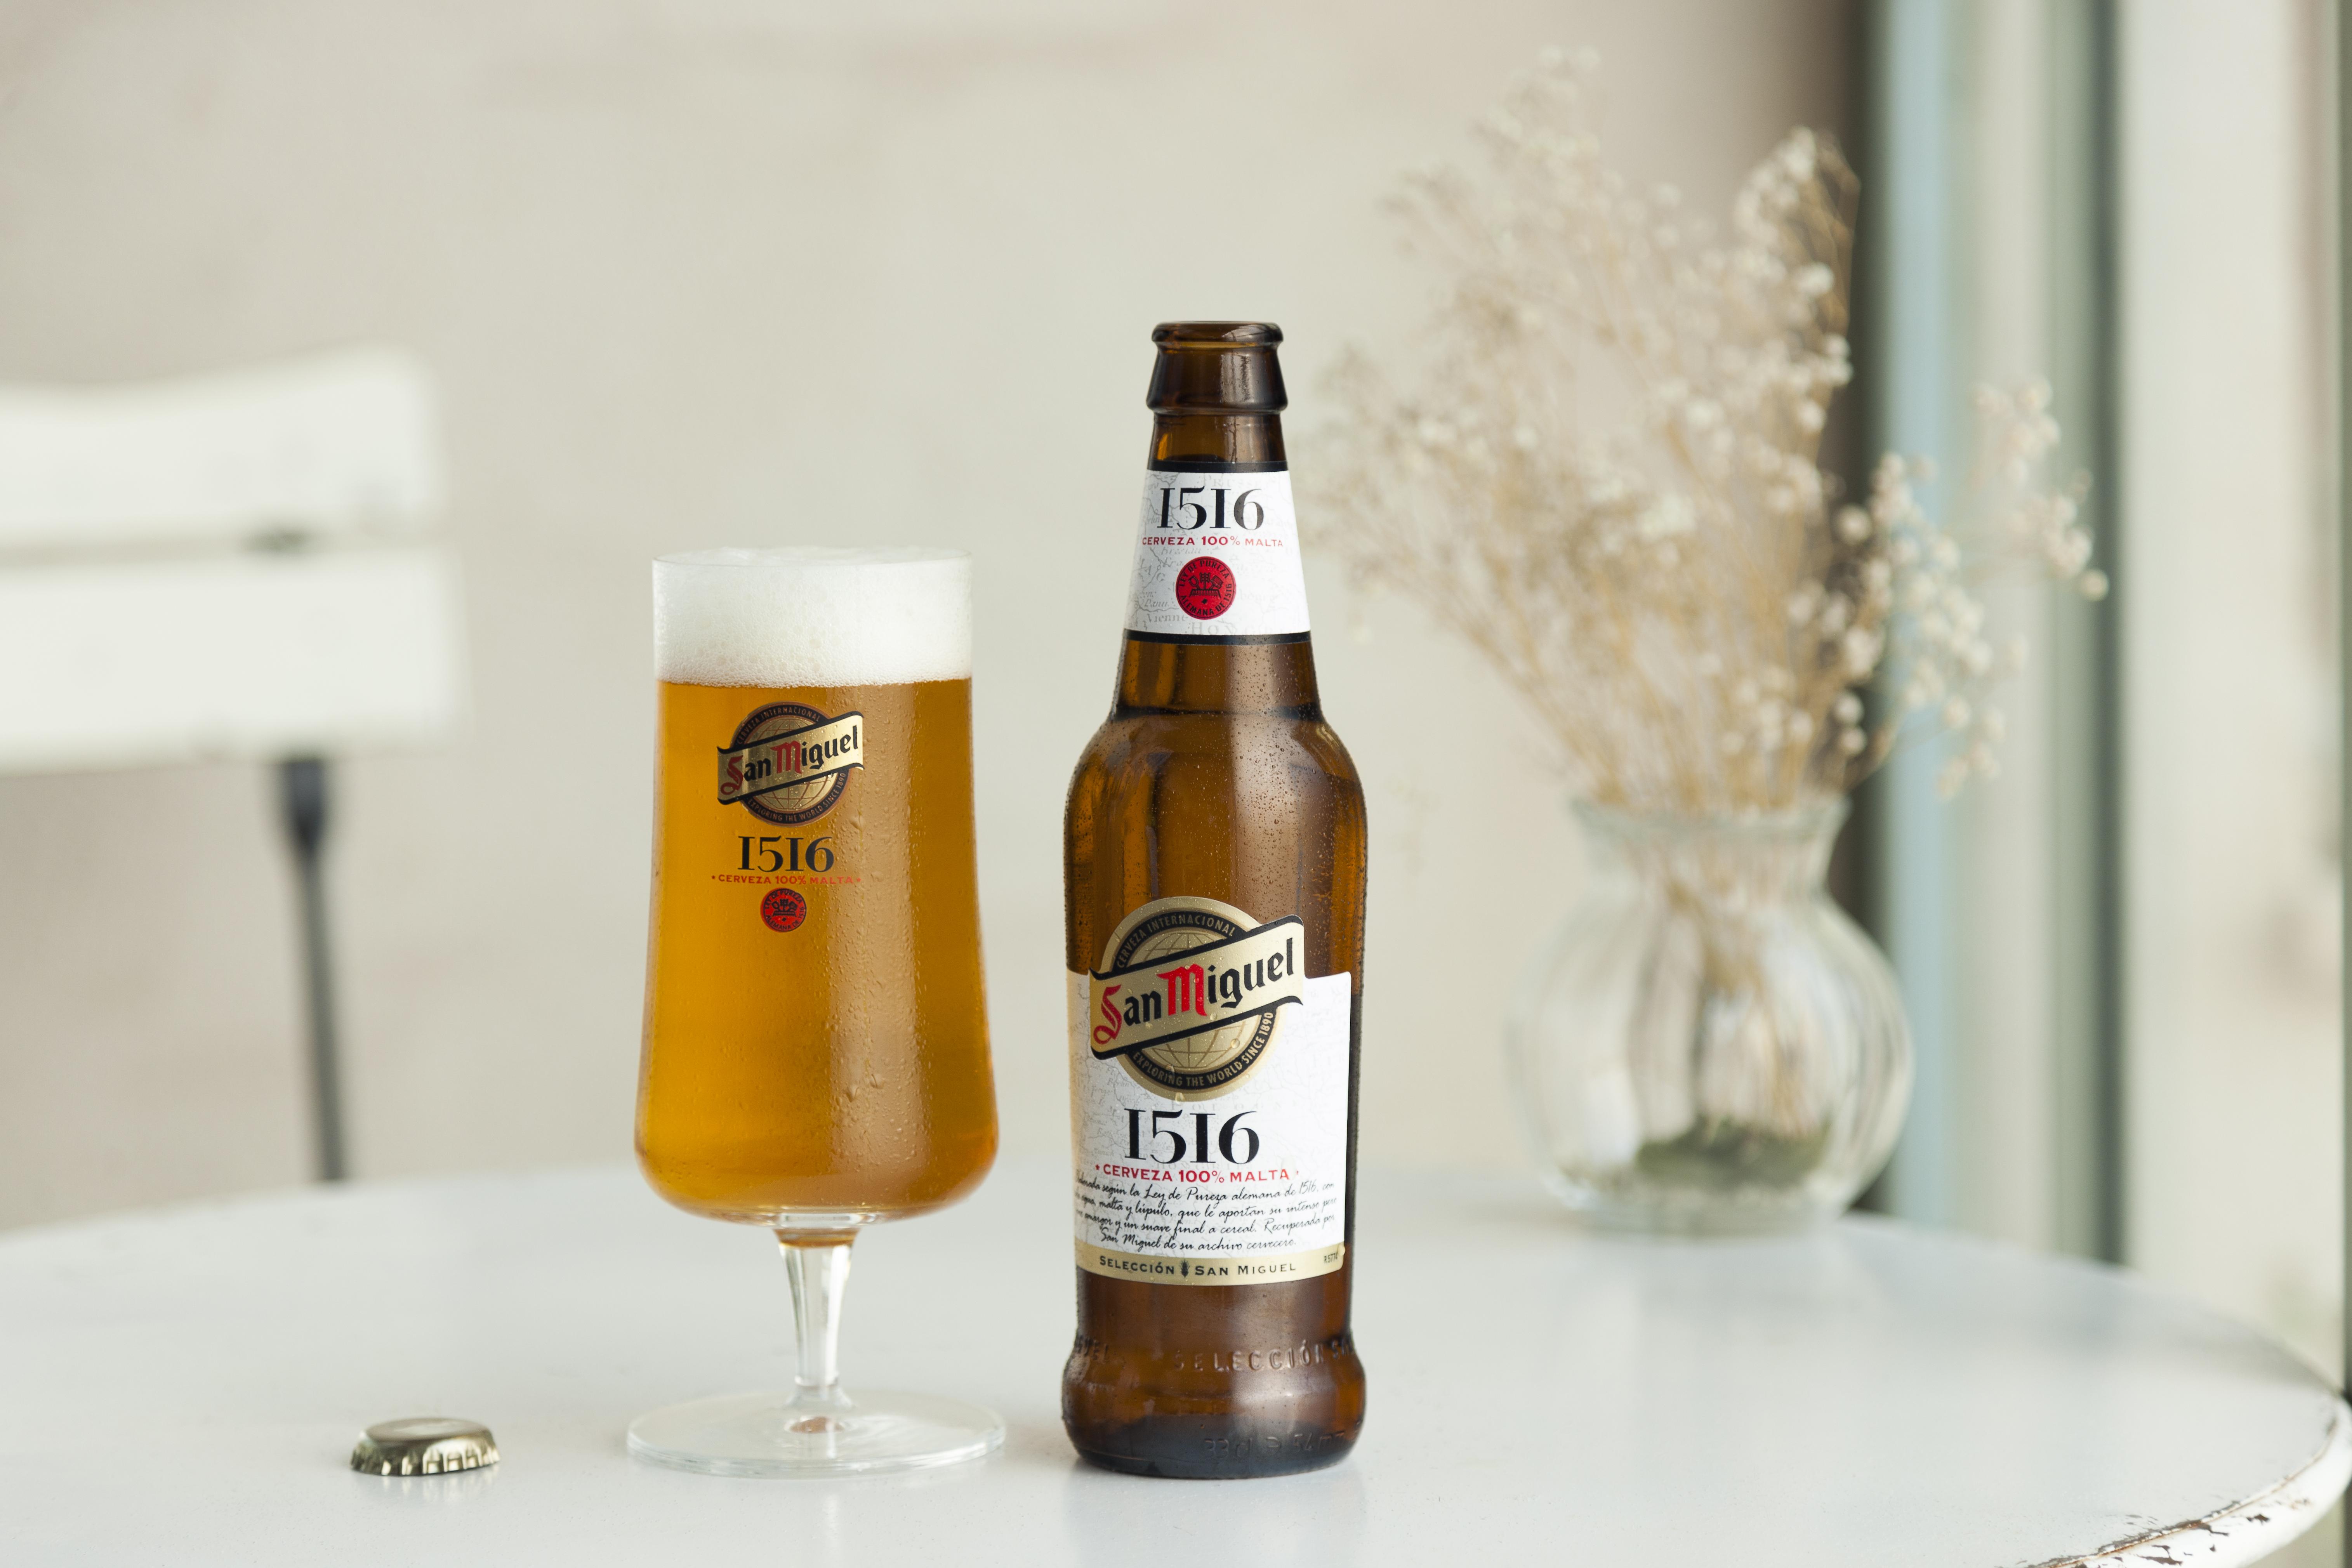 San Miguel 1516, cerveza 1516, cerveza San Miguel, ley de la pureza alemana